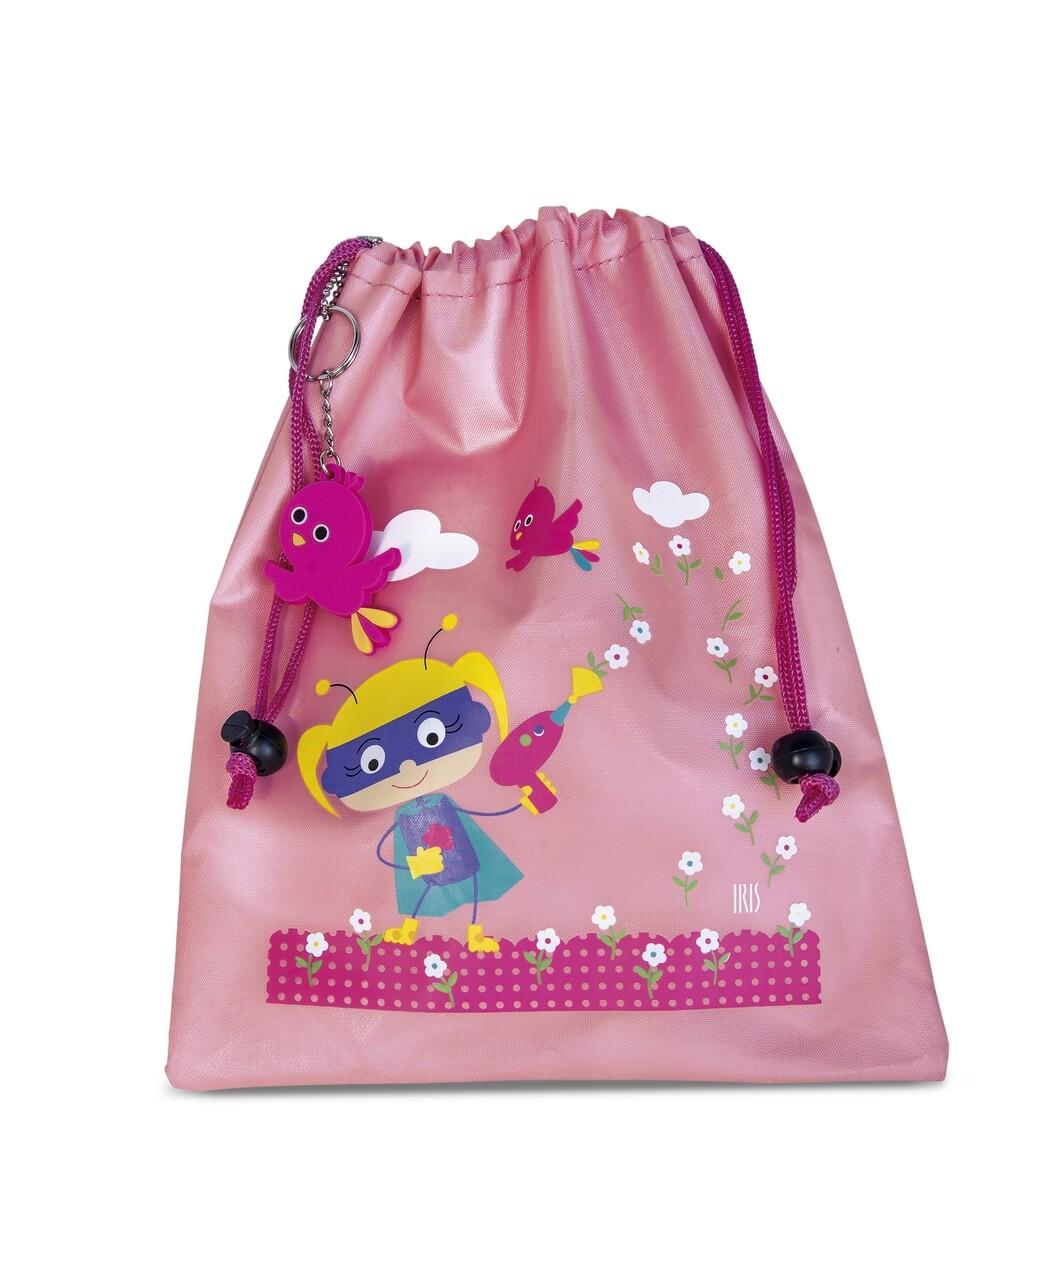 Geanta termoizolanta pentru pranz copii Mini SnackRico, Iris Barcelona, 17x4x21 cm, poliester, roz